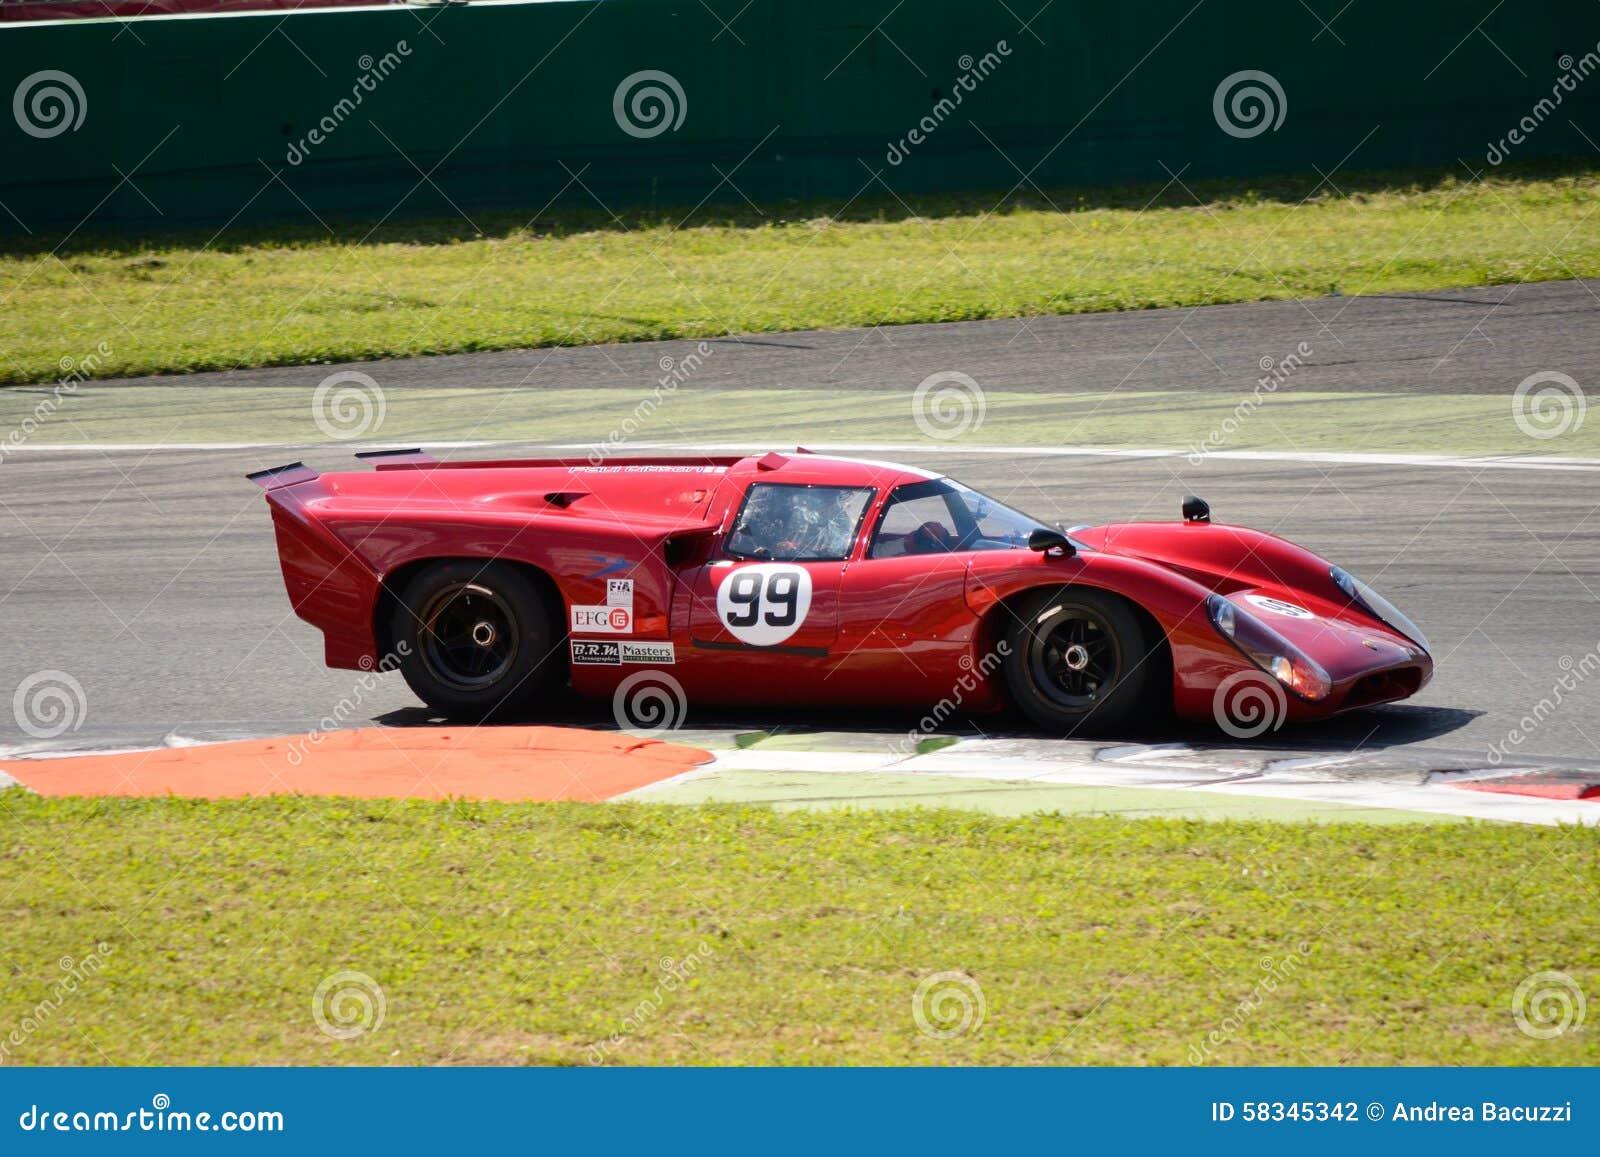 Circuito Monza : Autodromo nazionale di monza tribuna prima variante esterna